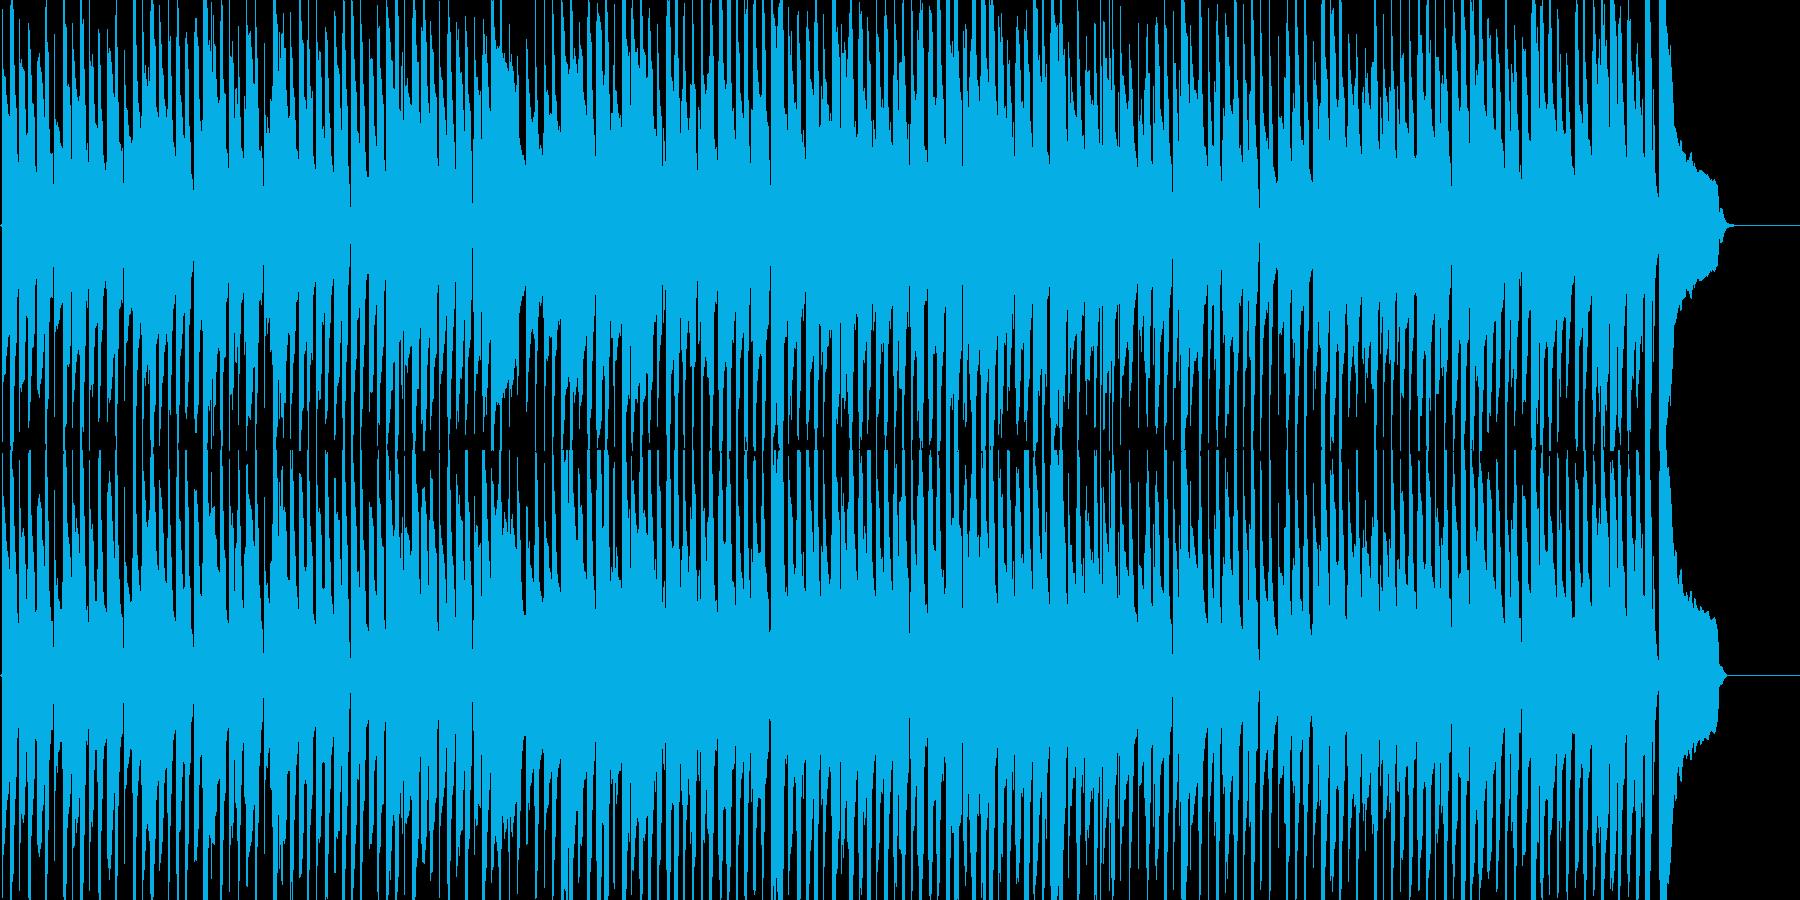 のんびり おちゃらけ コント コミカルの再生済みの波形